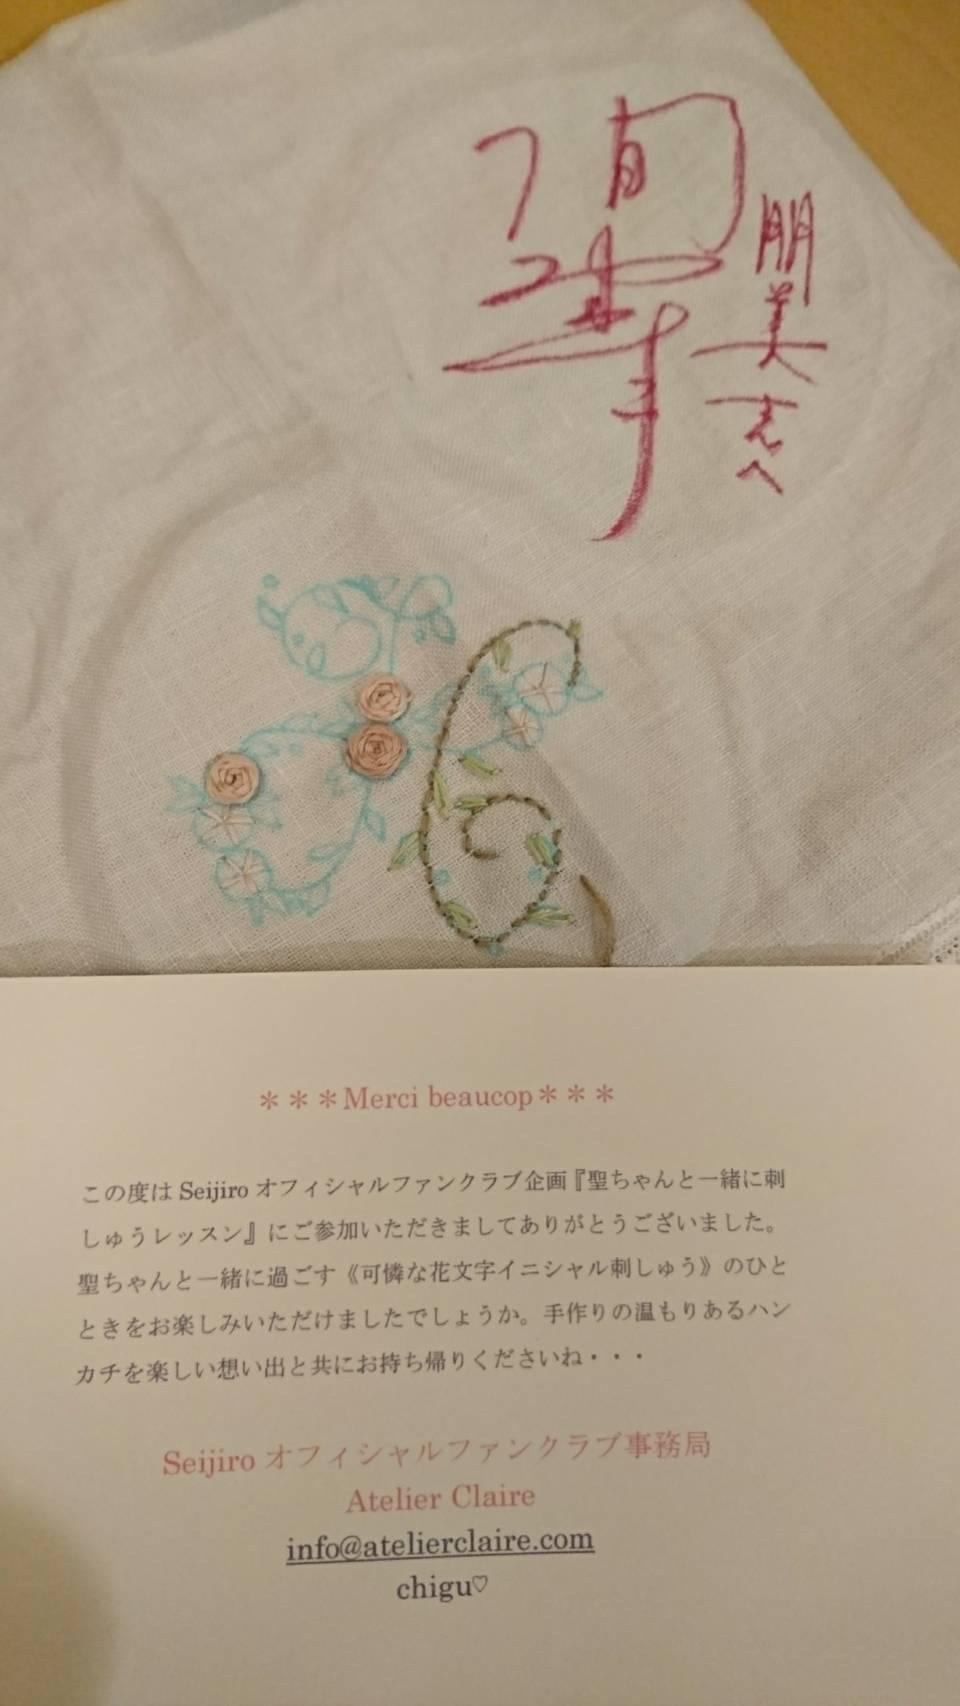 ご参加くださいました会員の皆さまありがとうございました♡Seijiroファンクラブ設立アニバーサリーファンミーティング@アトリエクレア_a0157409_22084344.jpeg